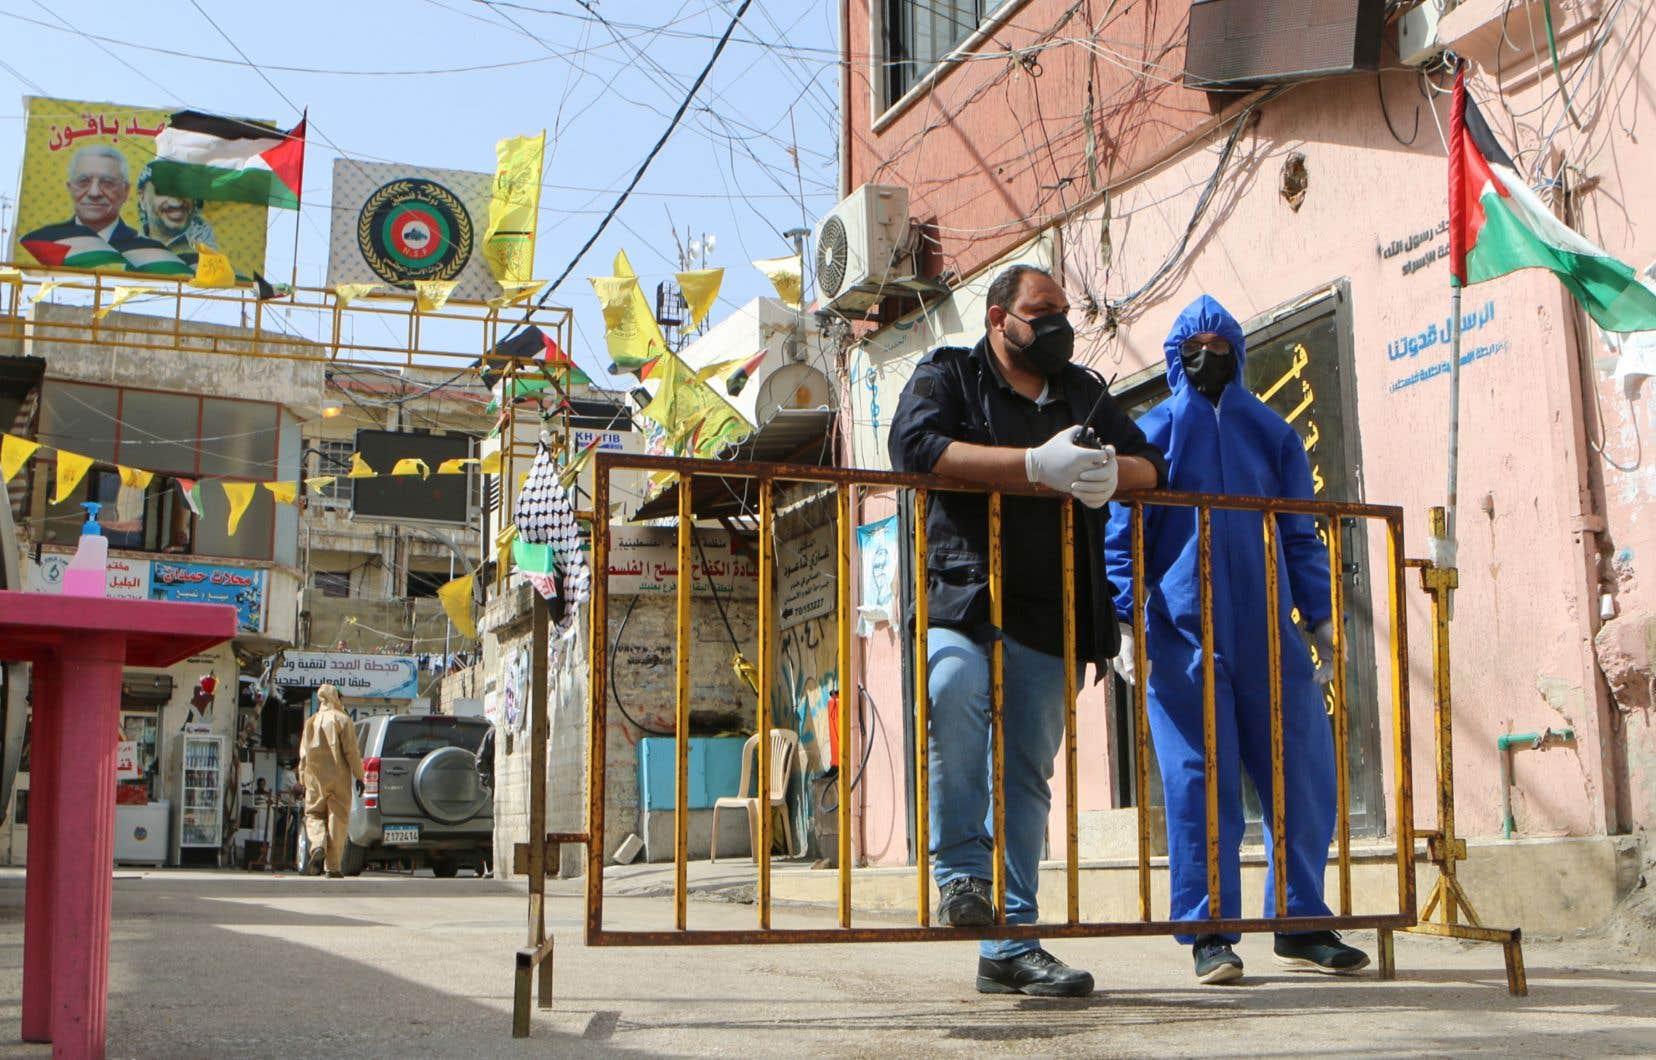 Plus de 200 000 réfugiés palestiniens vivent au Liban, selon l'Agence des Nations unies pour les réfugiés palestiniens.